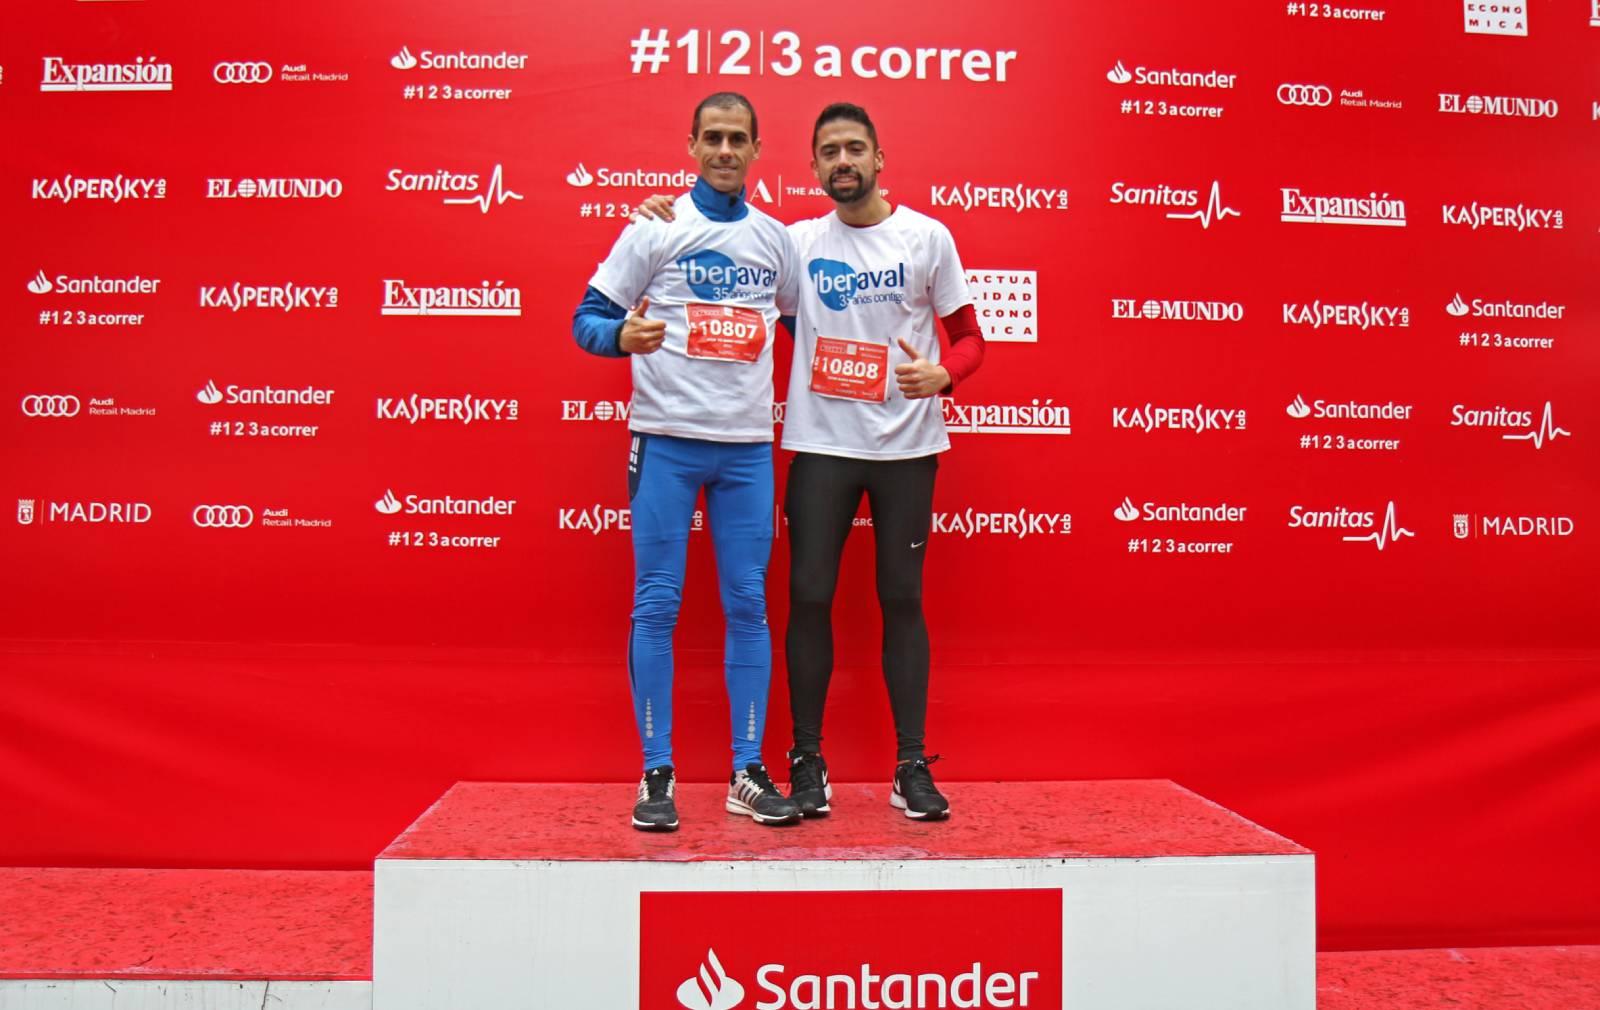 Óscar del Barrio y Víctor Blanco, tras finalizar la carrera